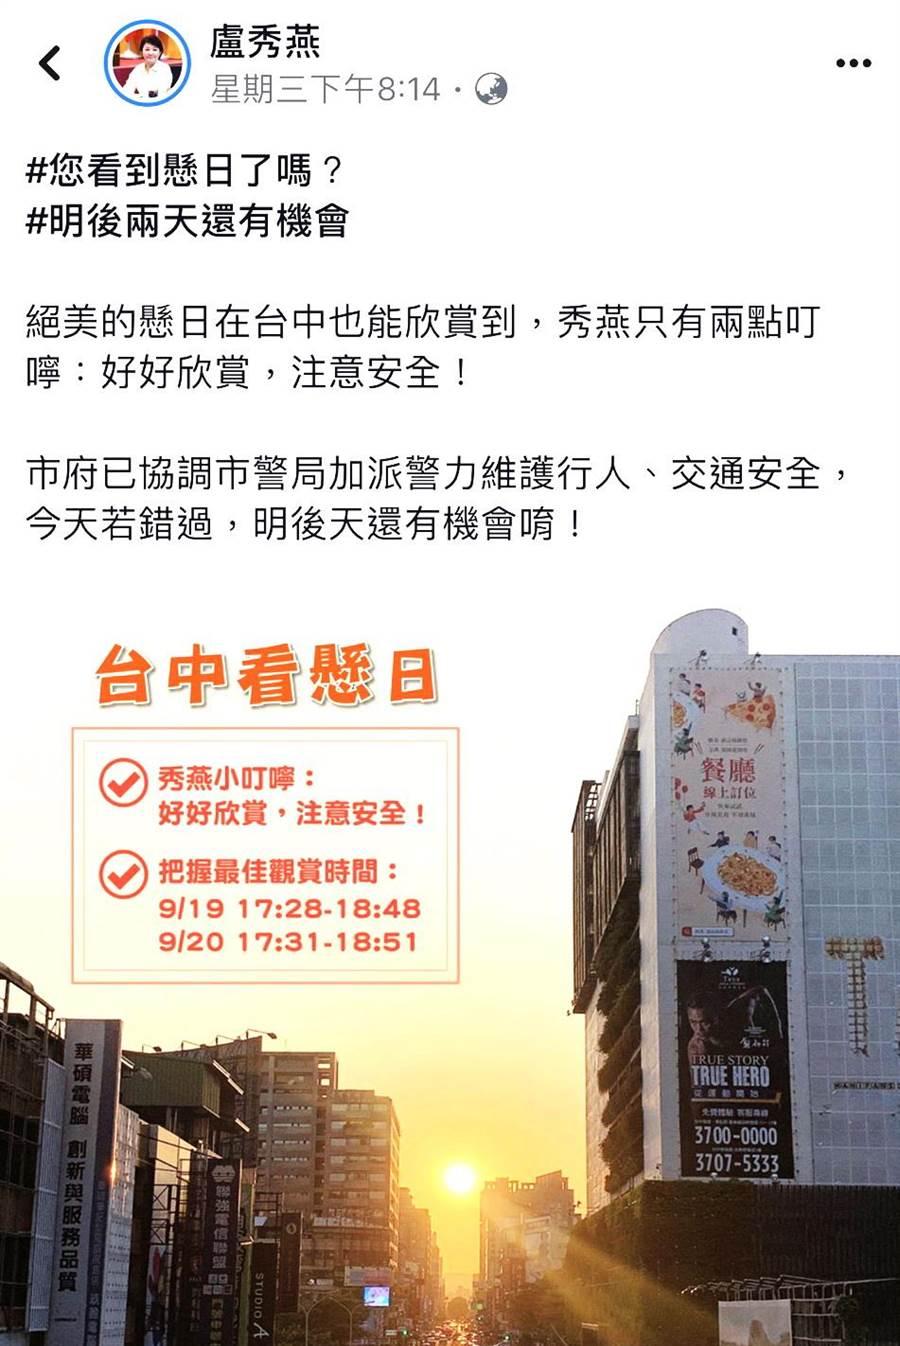 台中市長盧秀燕在臉書貼文分享,絕美的懸日台中也能欣賞,特別貼心叮嚀,「好好欣賞,注意安全」。(摘自盧秀燕臉書)